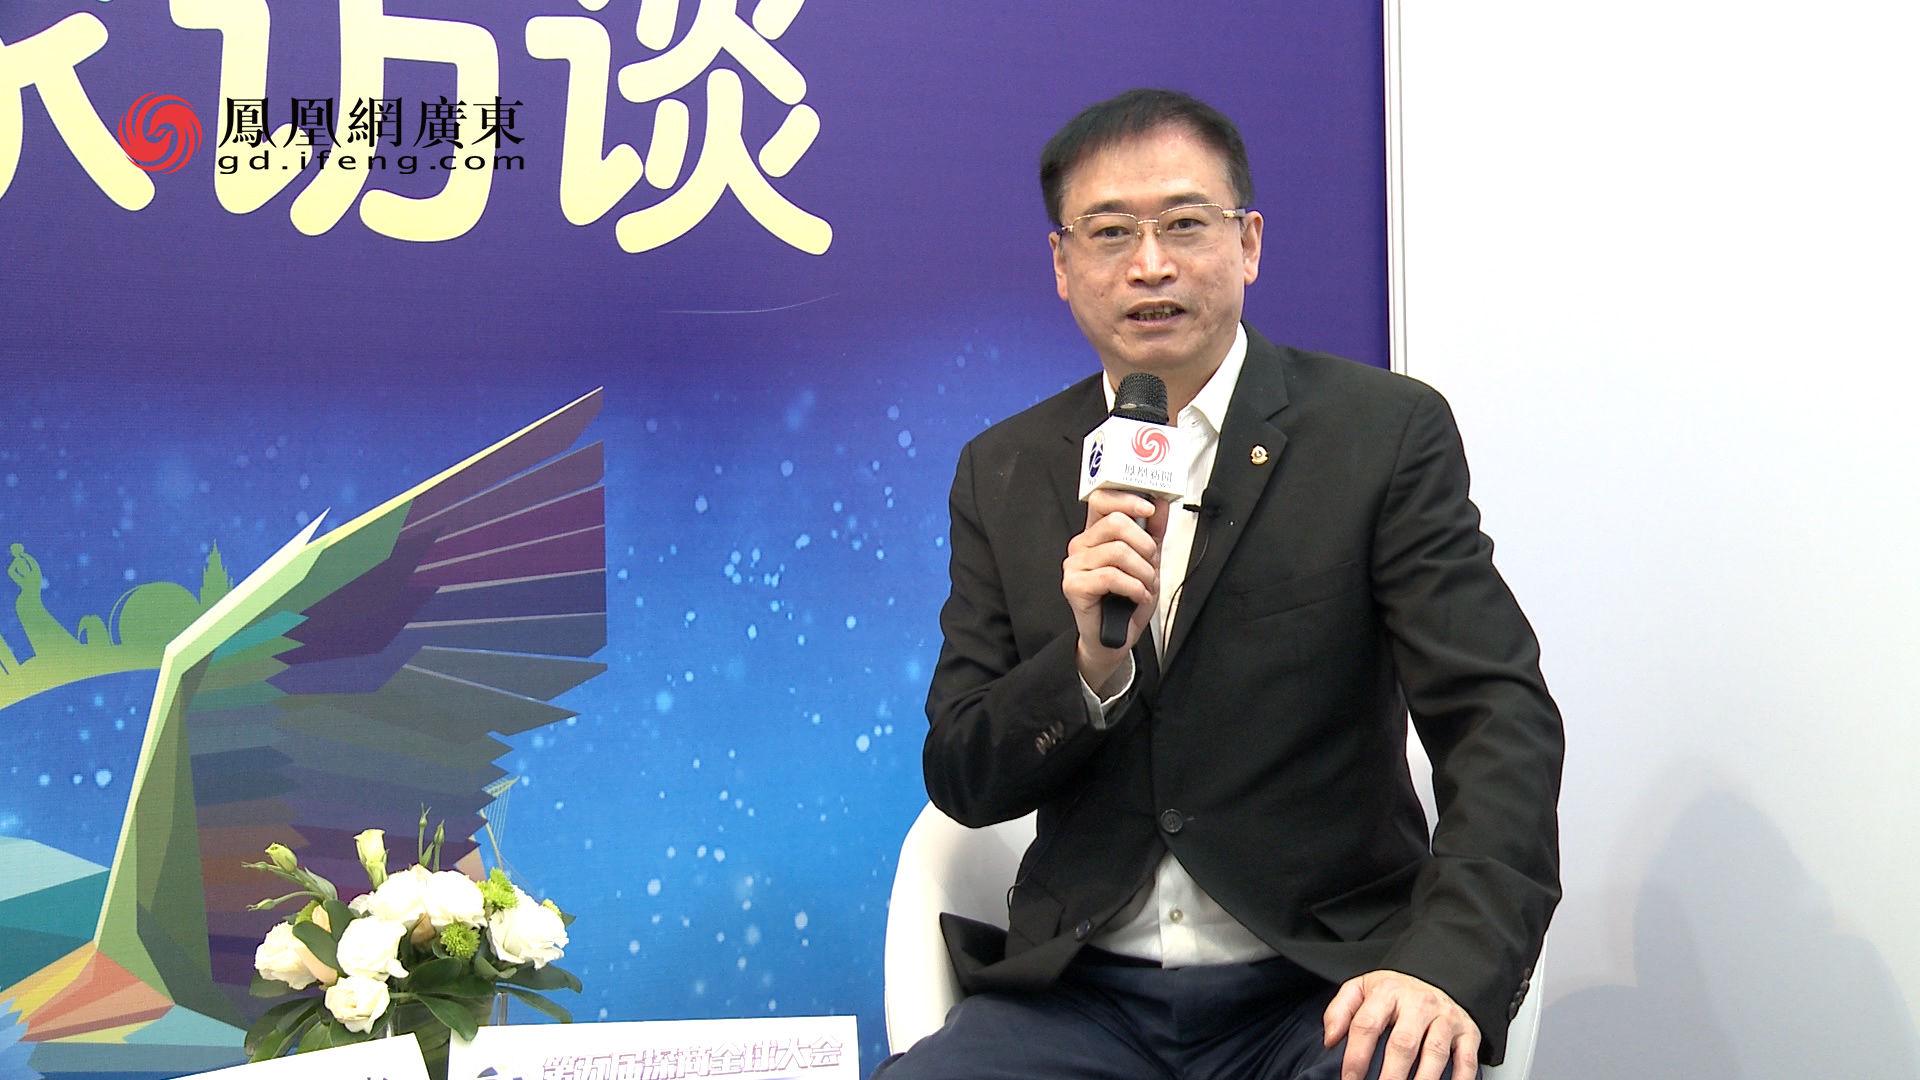 凰家访谈|博士眼镜刘晓:深商40年 最可贵的品质是实干